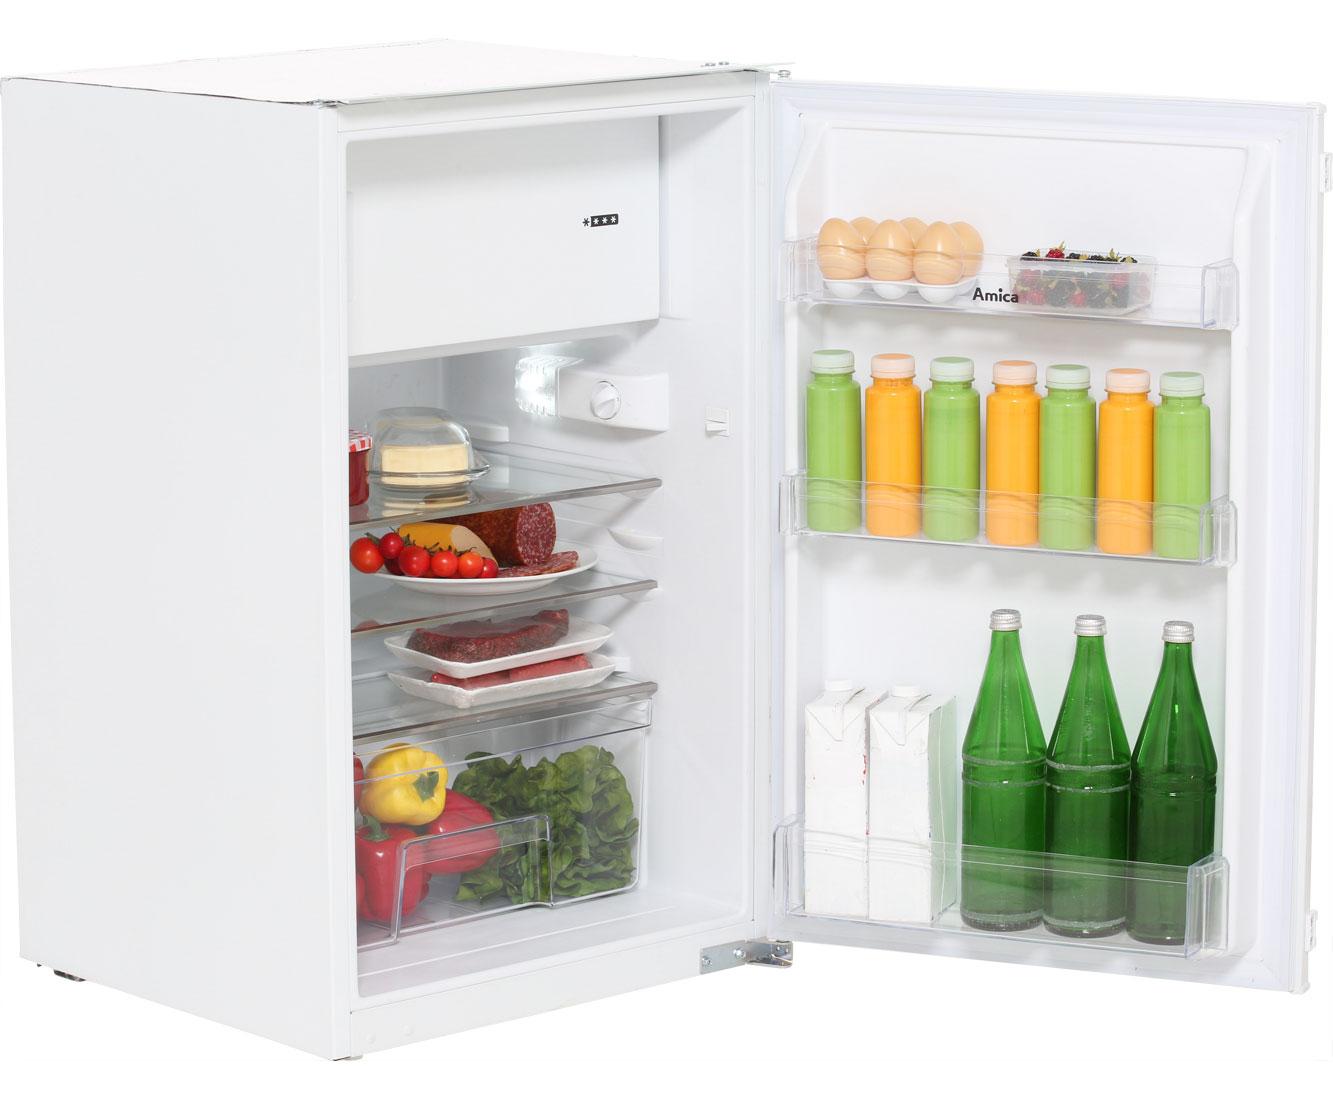 Amica EKS16171 Kühlschränke - Weiß